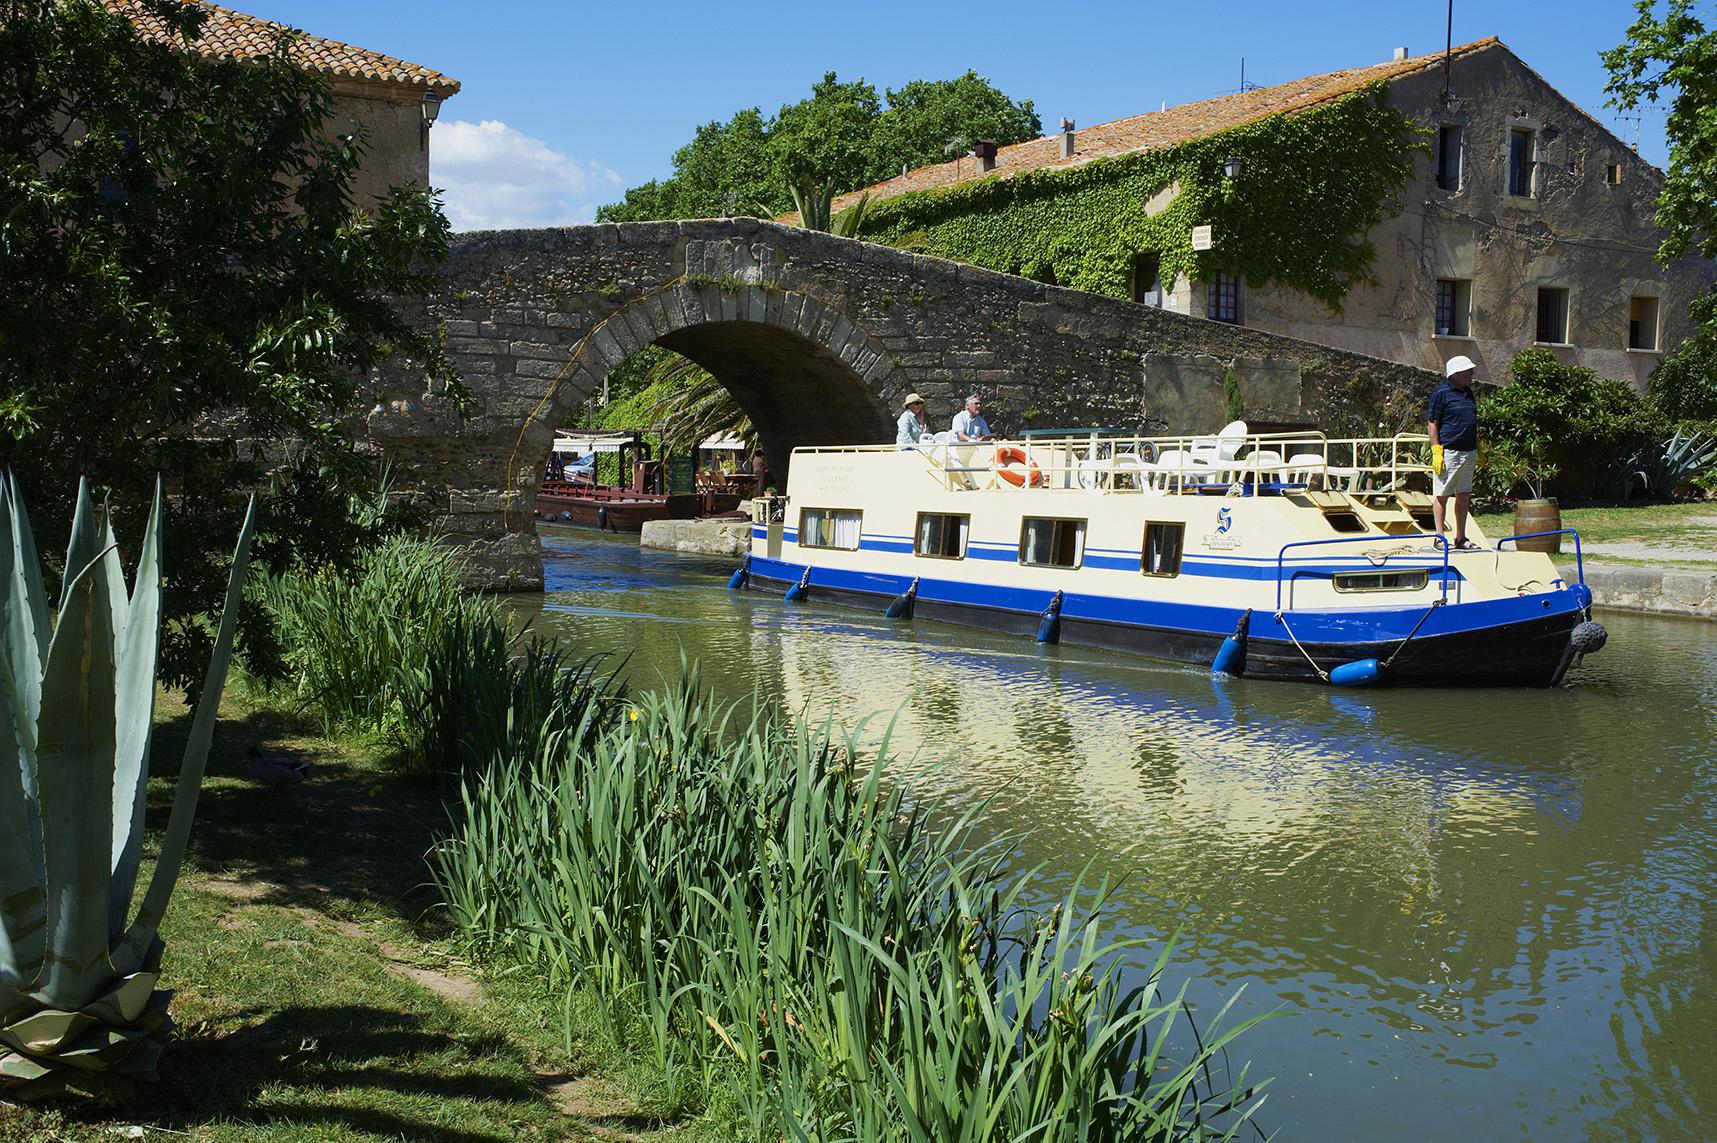 France, Languedoc-Roussillon, Aude (11), city of Le Somail, Canal du Midi, river harbour, Saint Marcel bridge